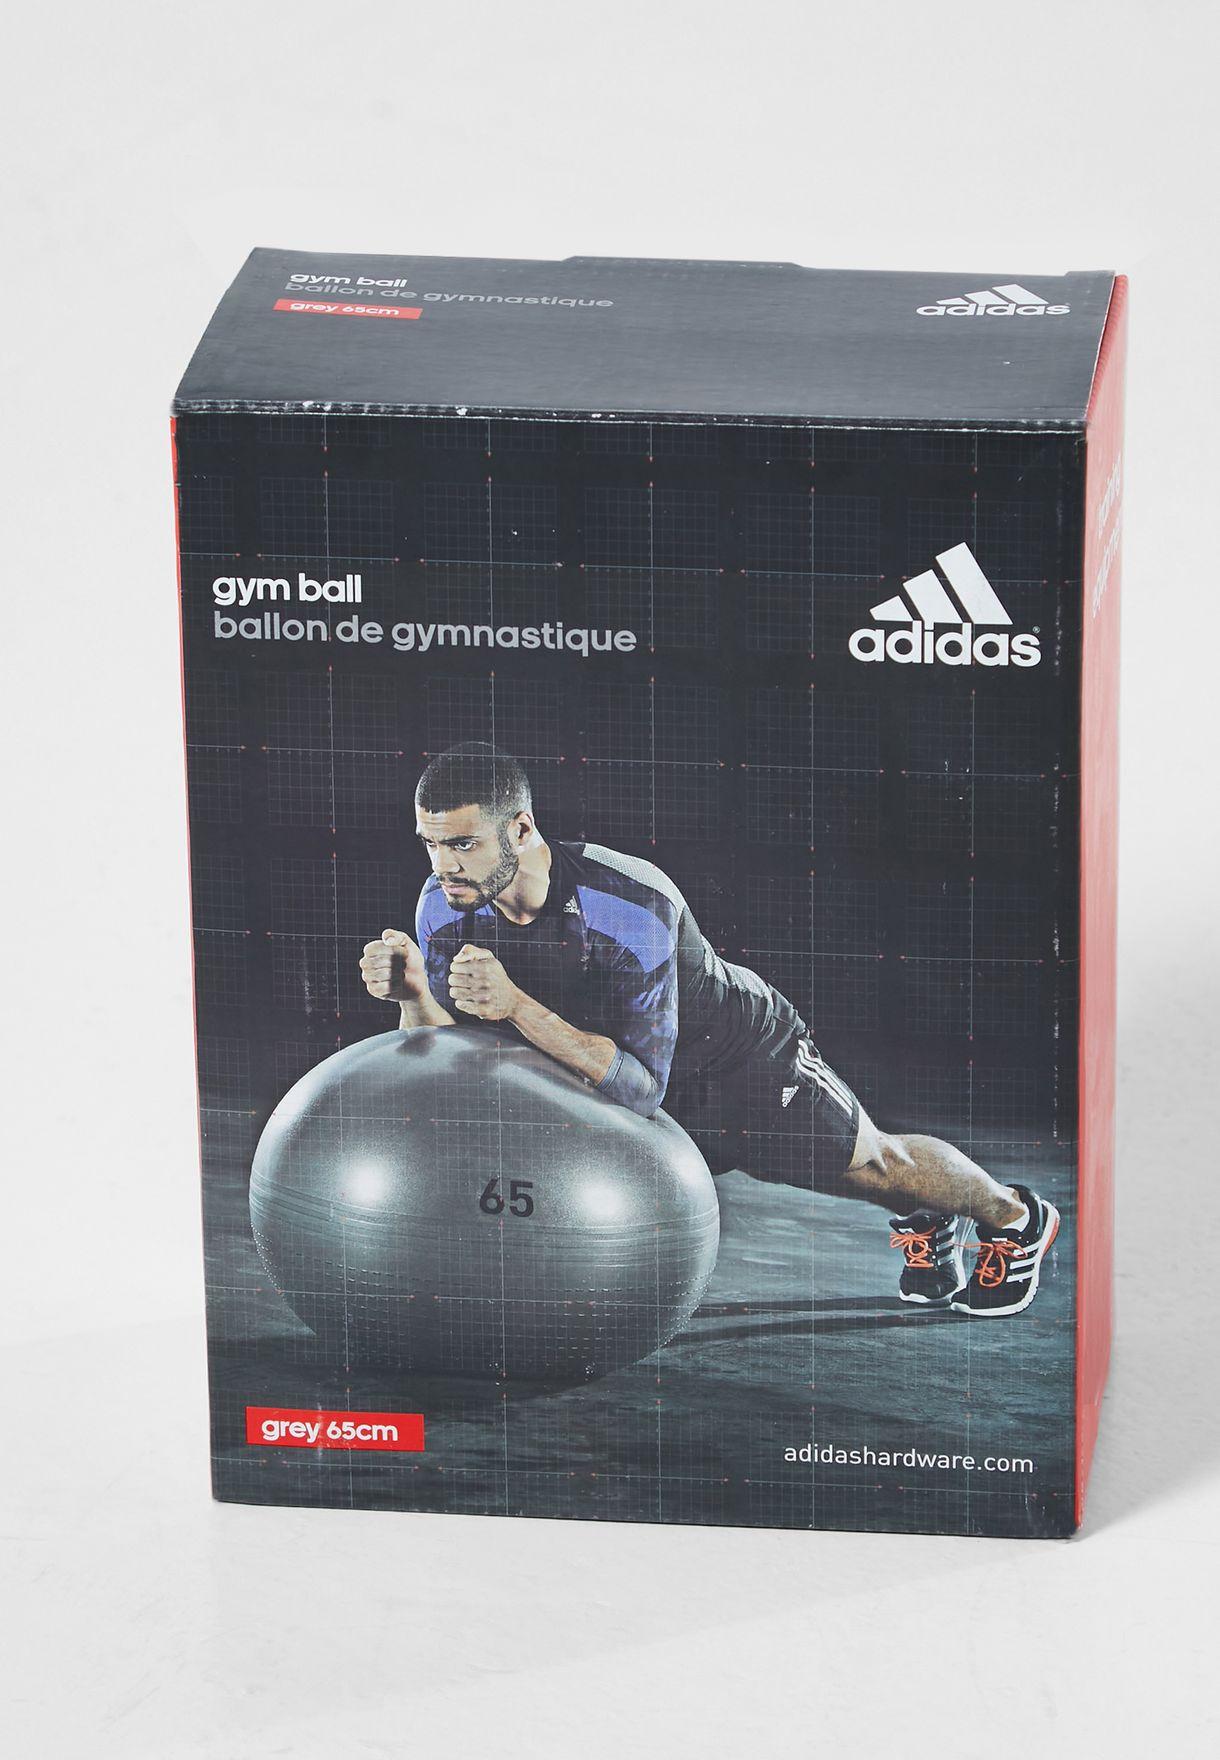 كرة تمارين رياضية -65 سم